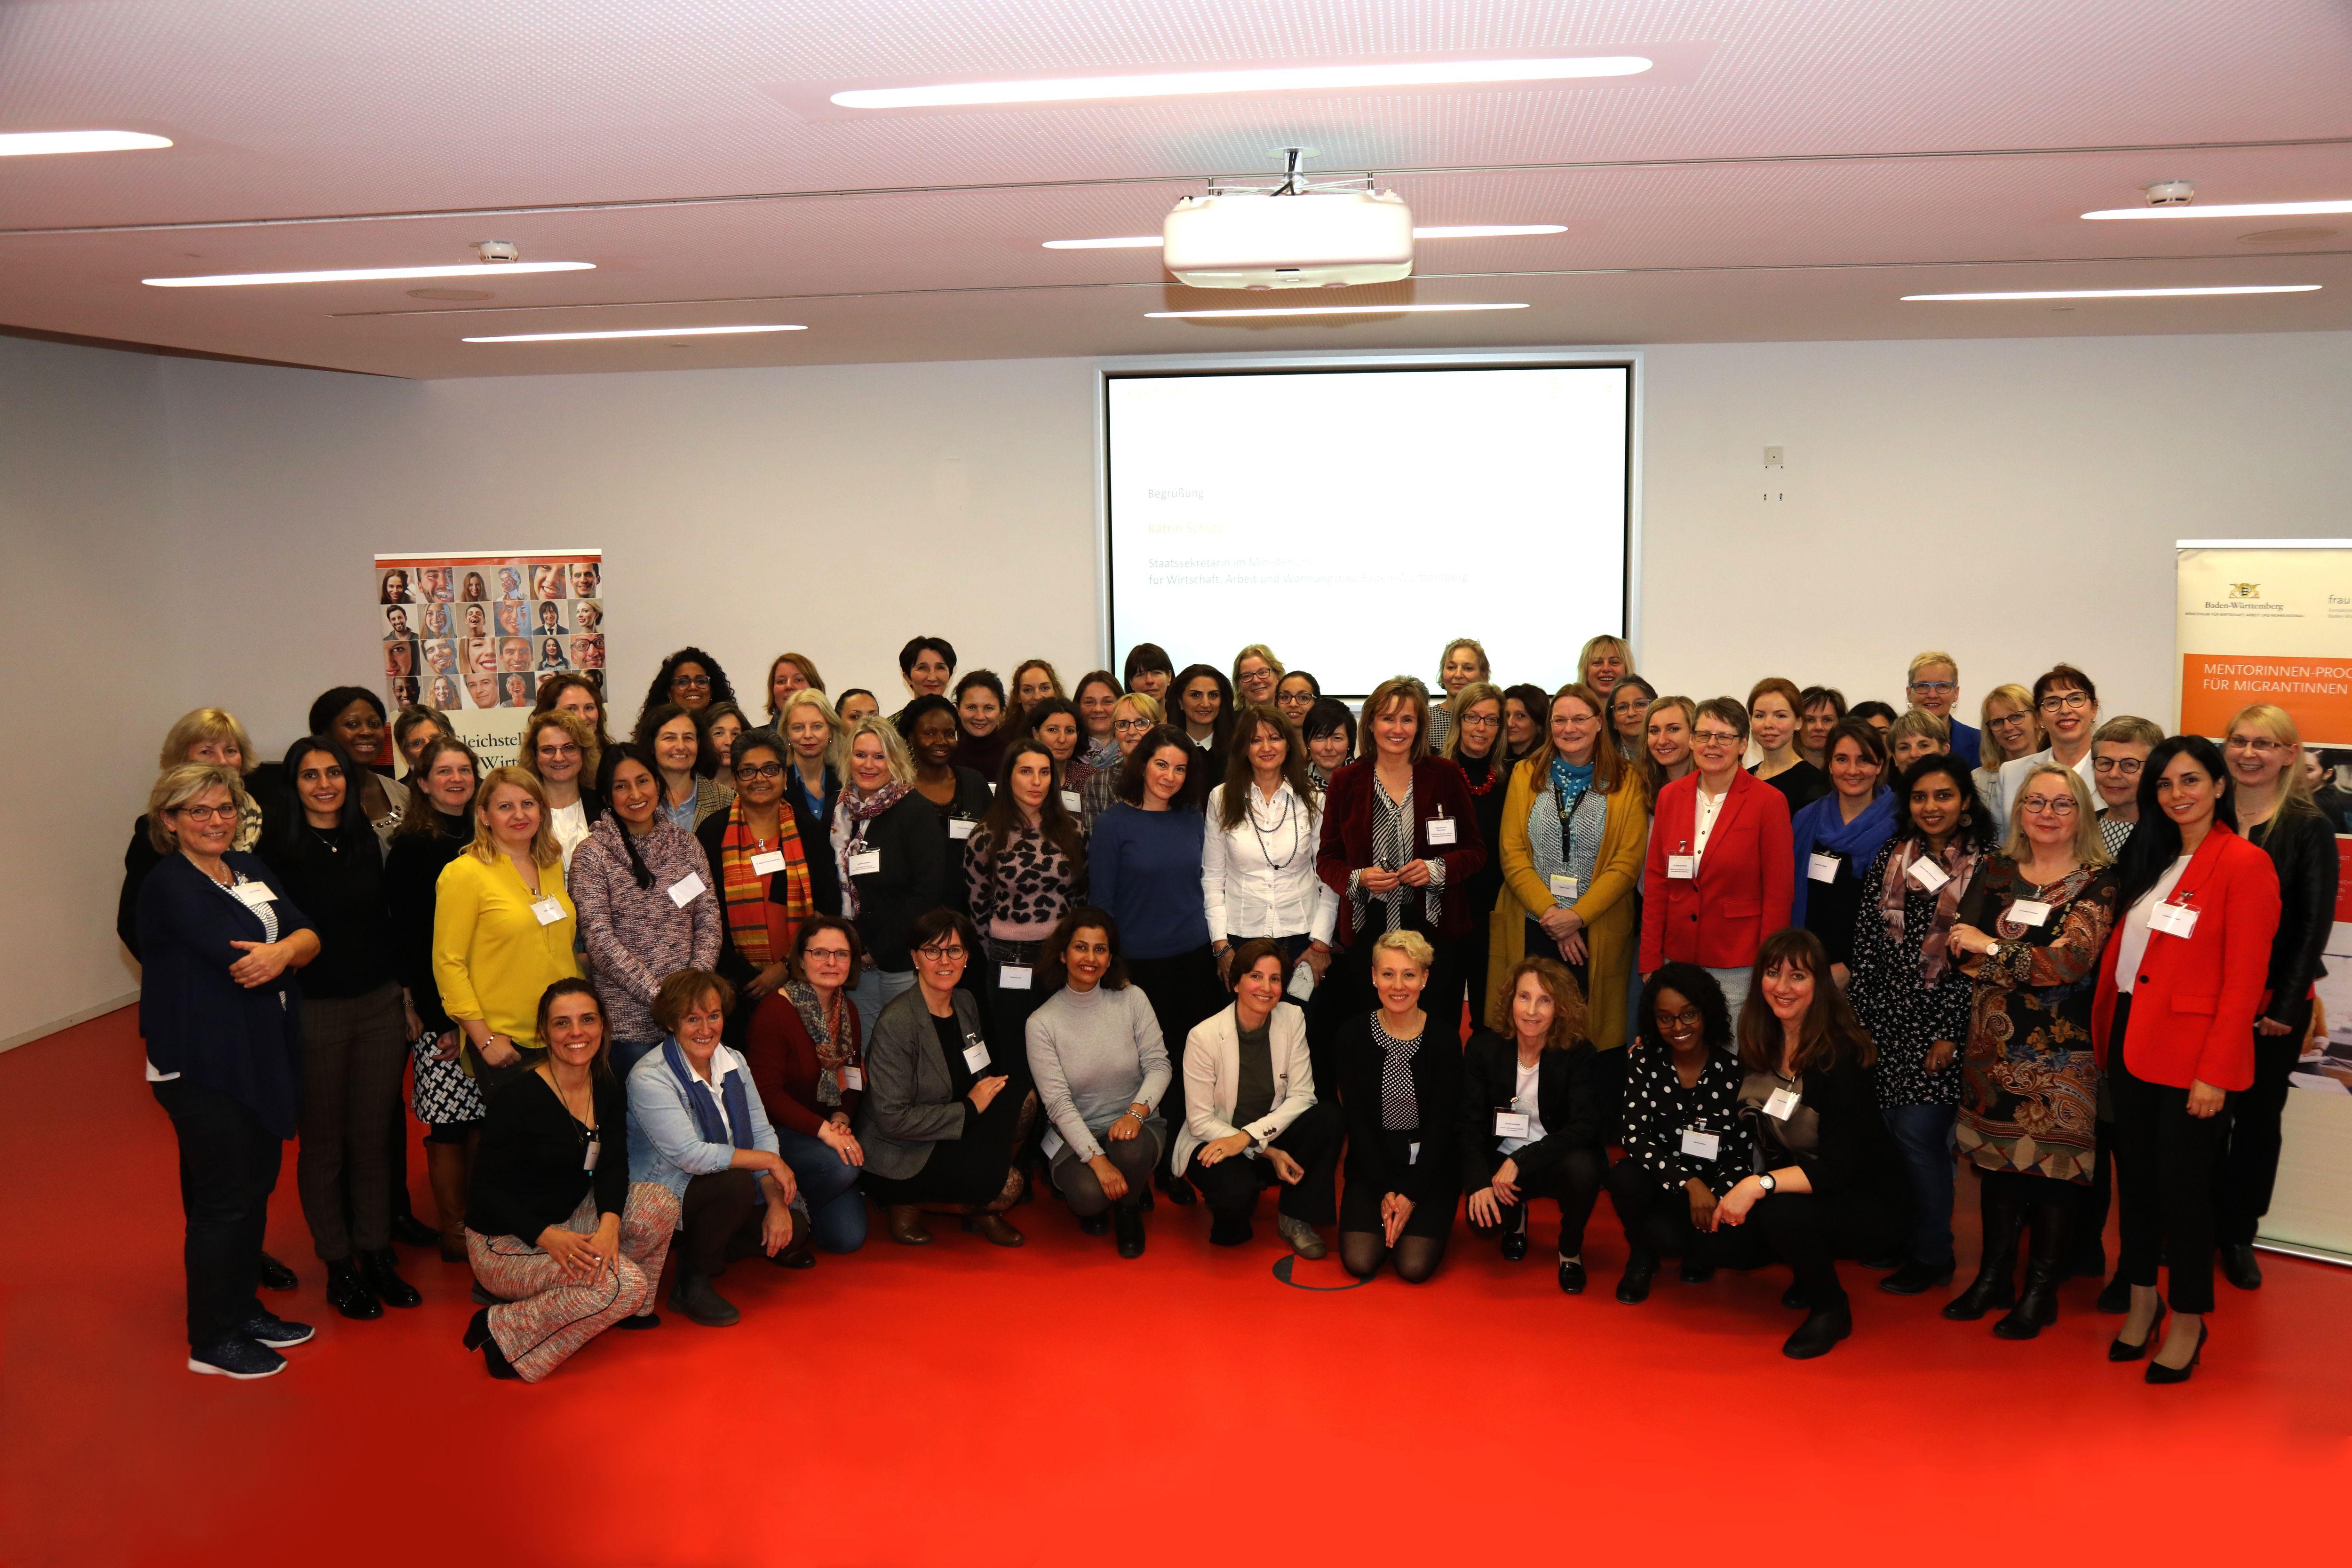 Gruppenfoto Abschlussveranstaltung Mentorinnen-Programm